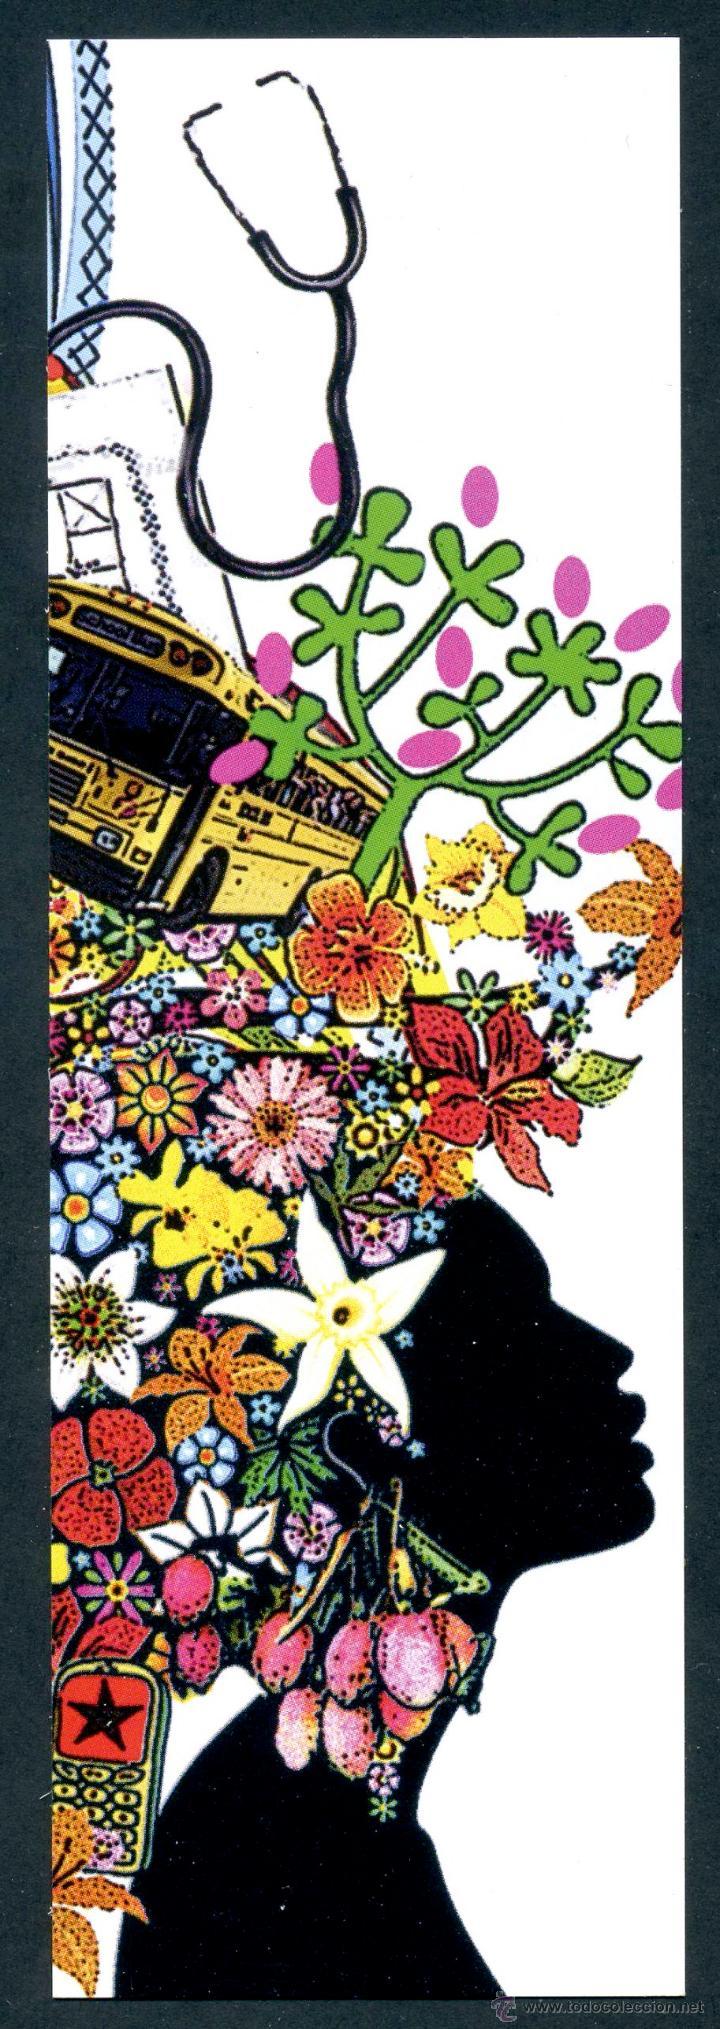 MARCAPÁGINAS EDITORIAL SALAMANDRA Nº 248 (Coleccionismo - Marcapáginas)